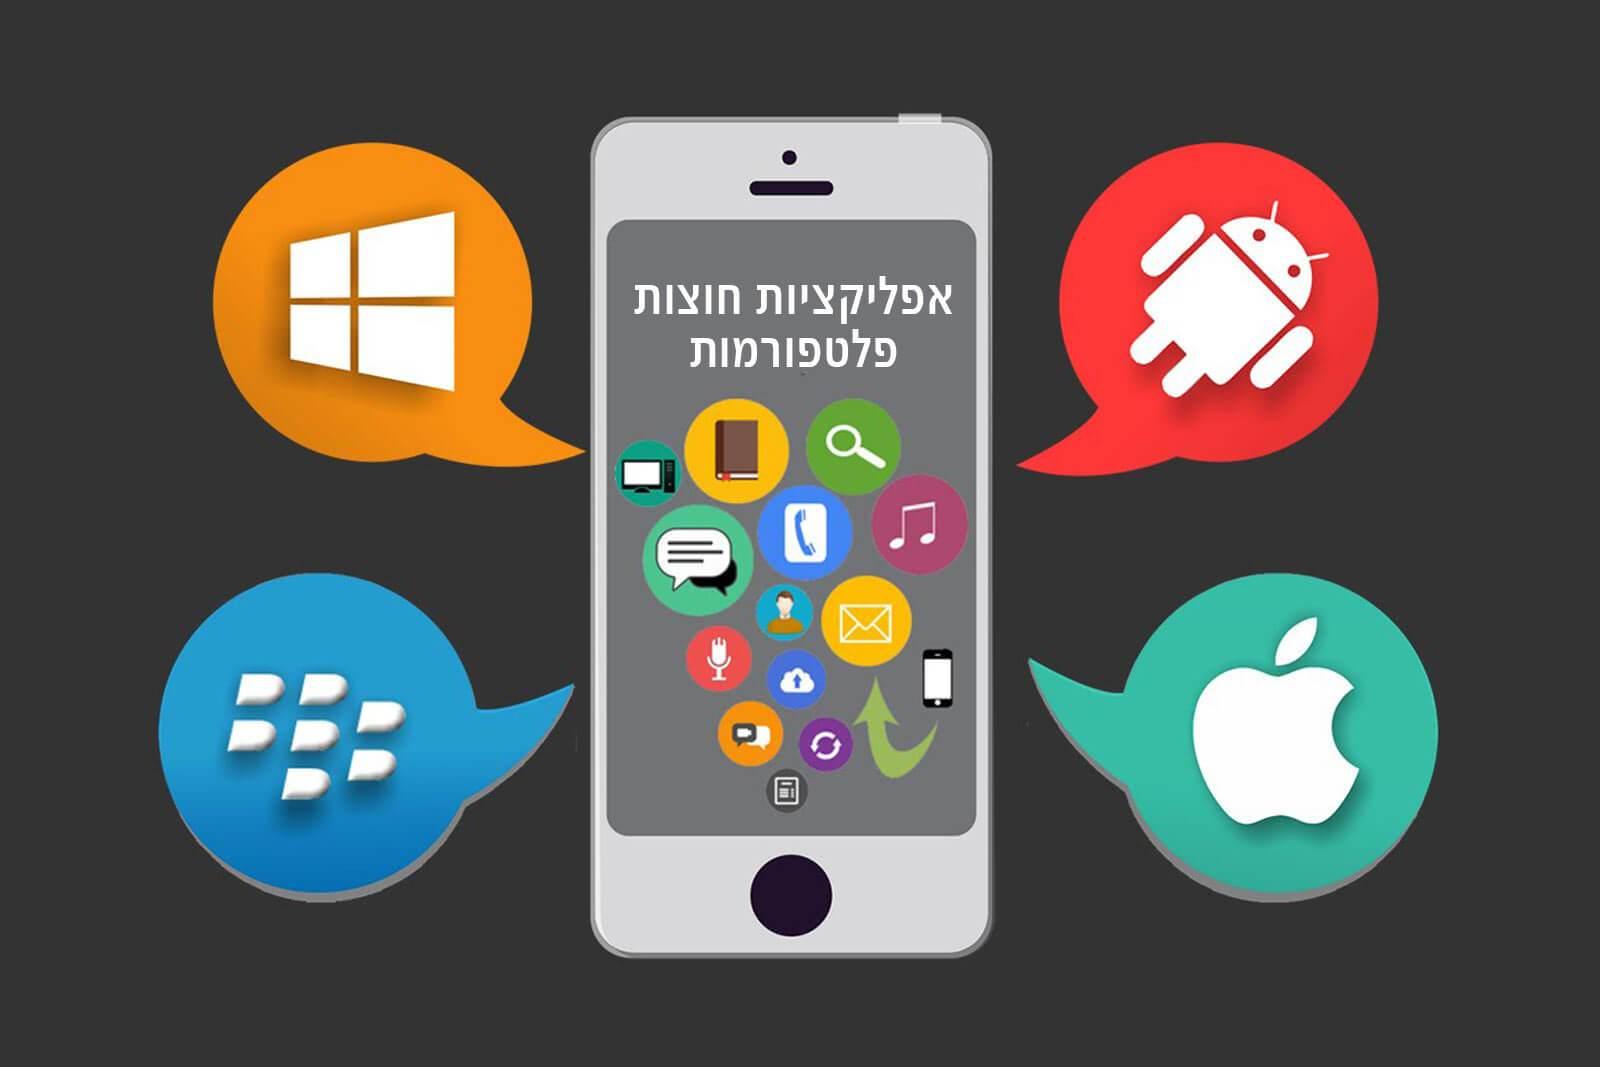 פיתוח אפליקציות היברידיות